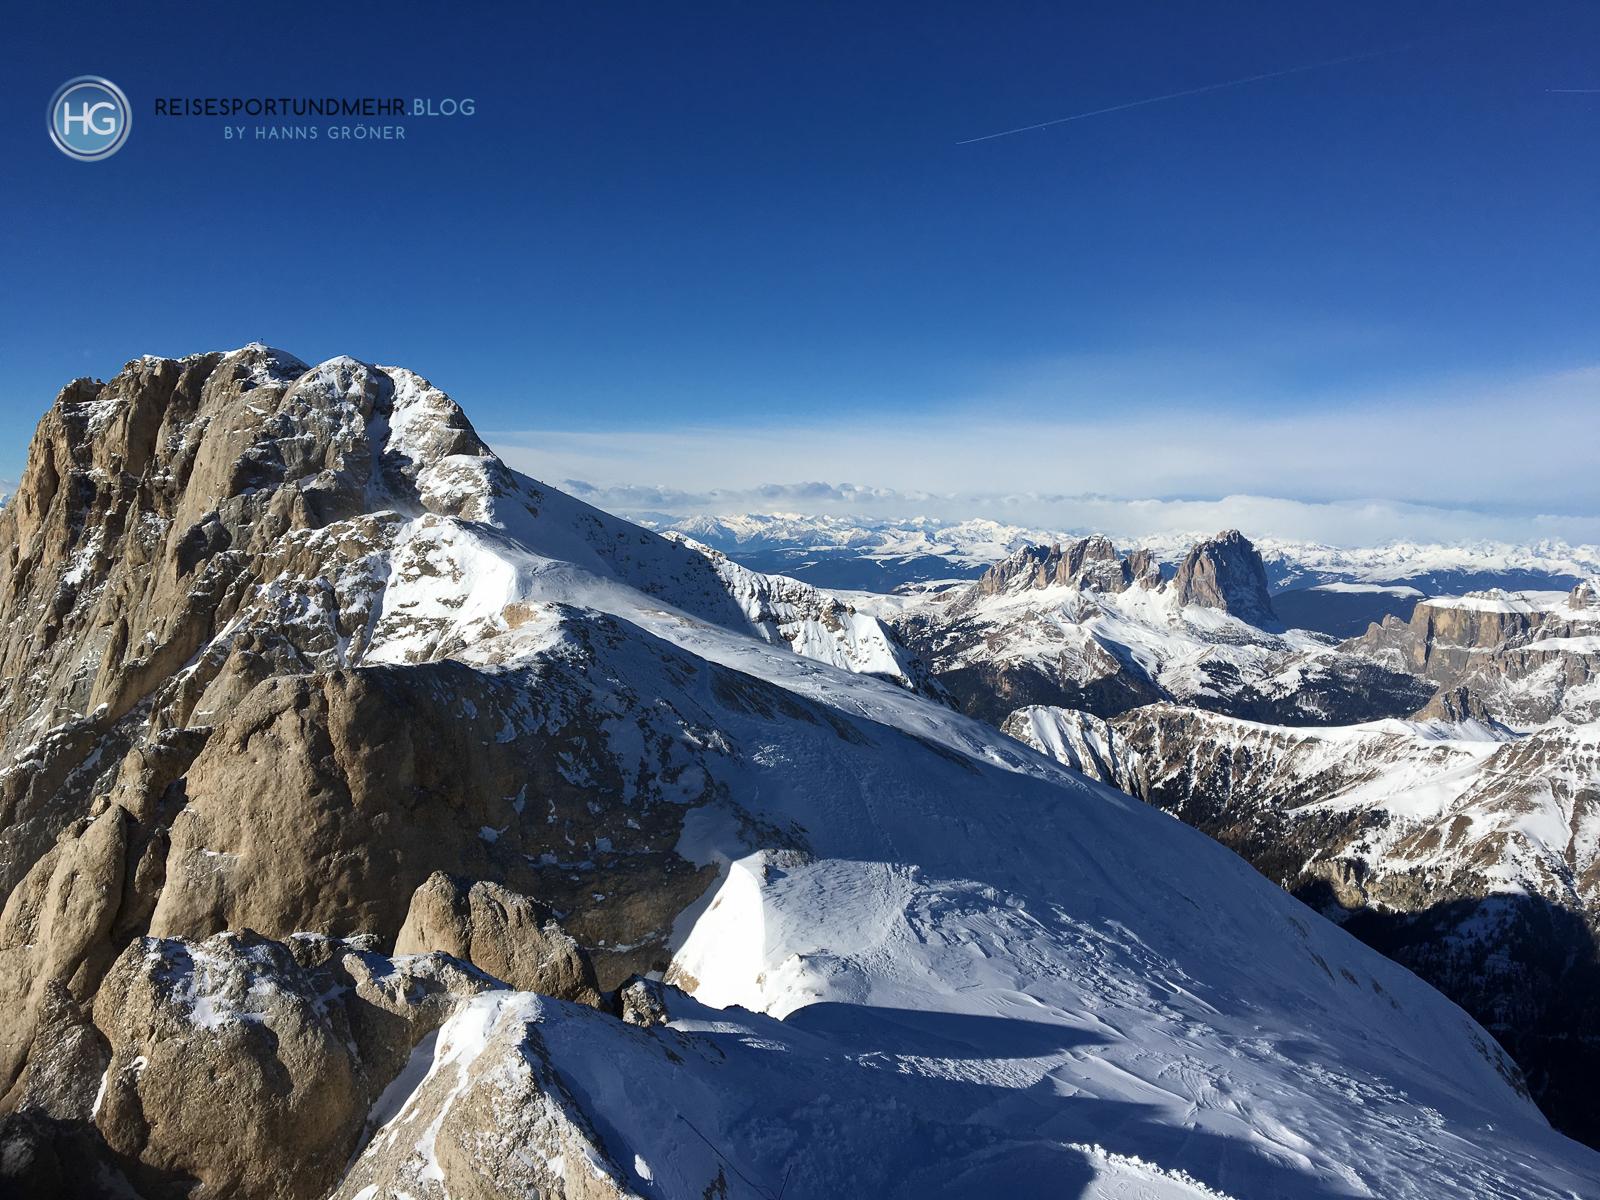 Südtirol Dezember 2018 - Marmolada mit Langkofel im Hintergrund (Foto: Hanns Gröner)